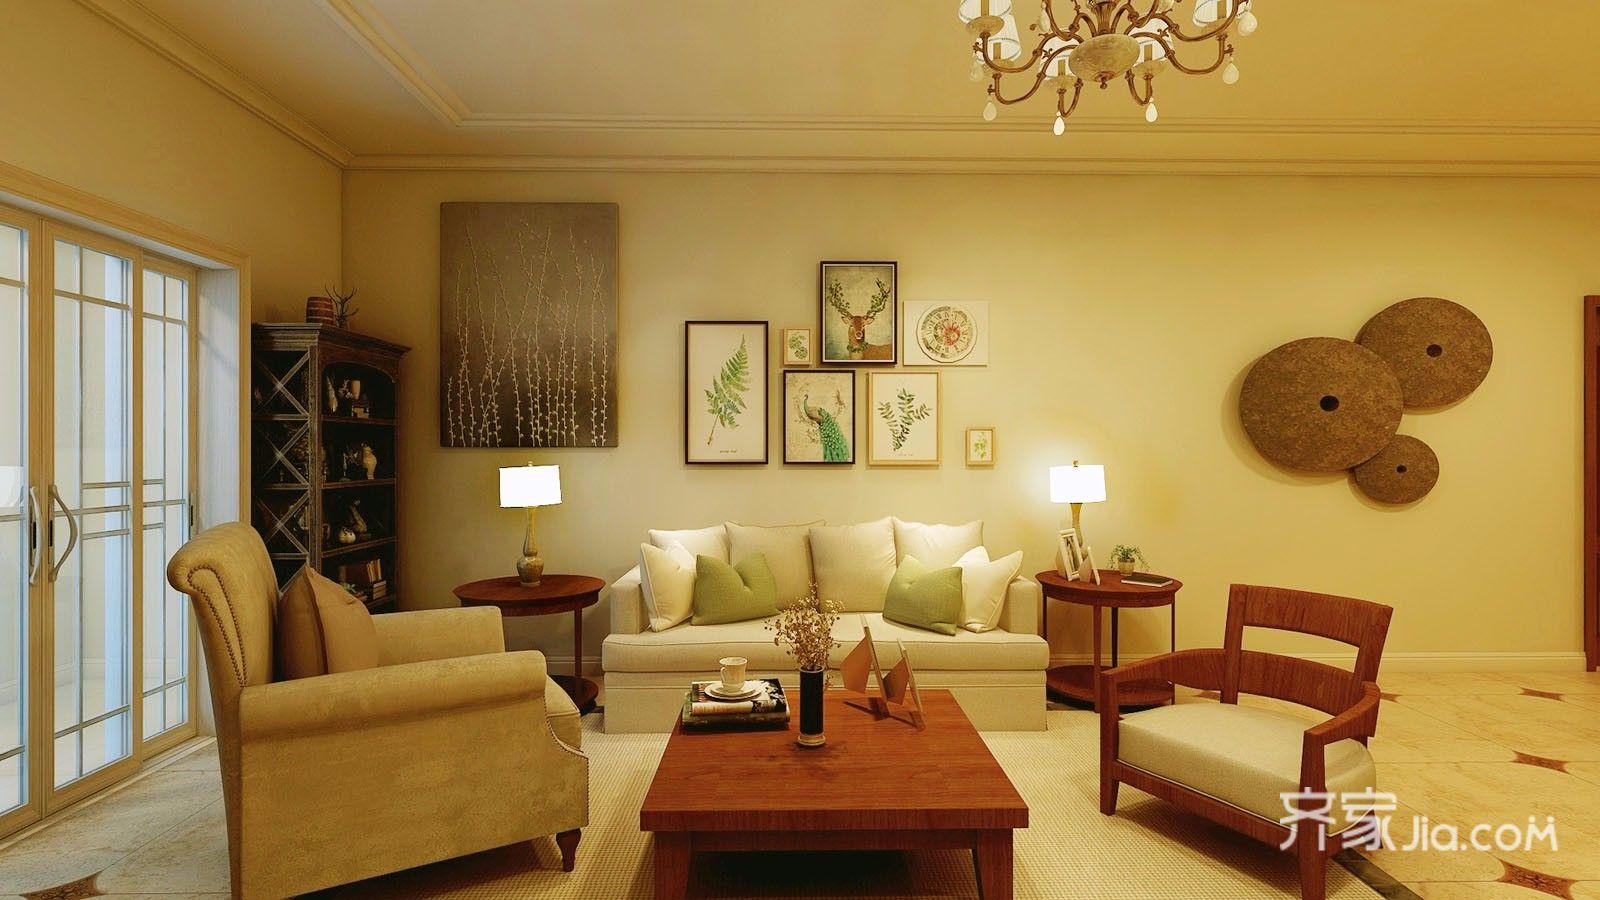 美式,美中有不足   客厅 客厅地面采用黄色拼花地板砖,美式复古的吊灯图片